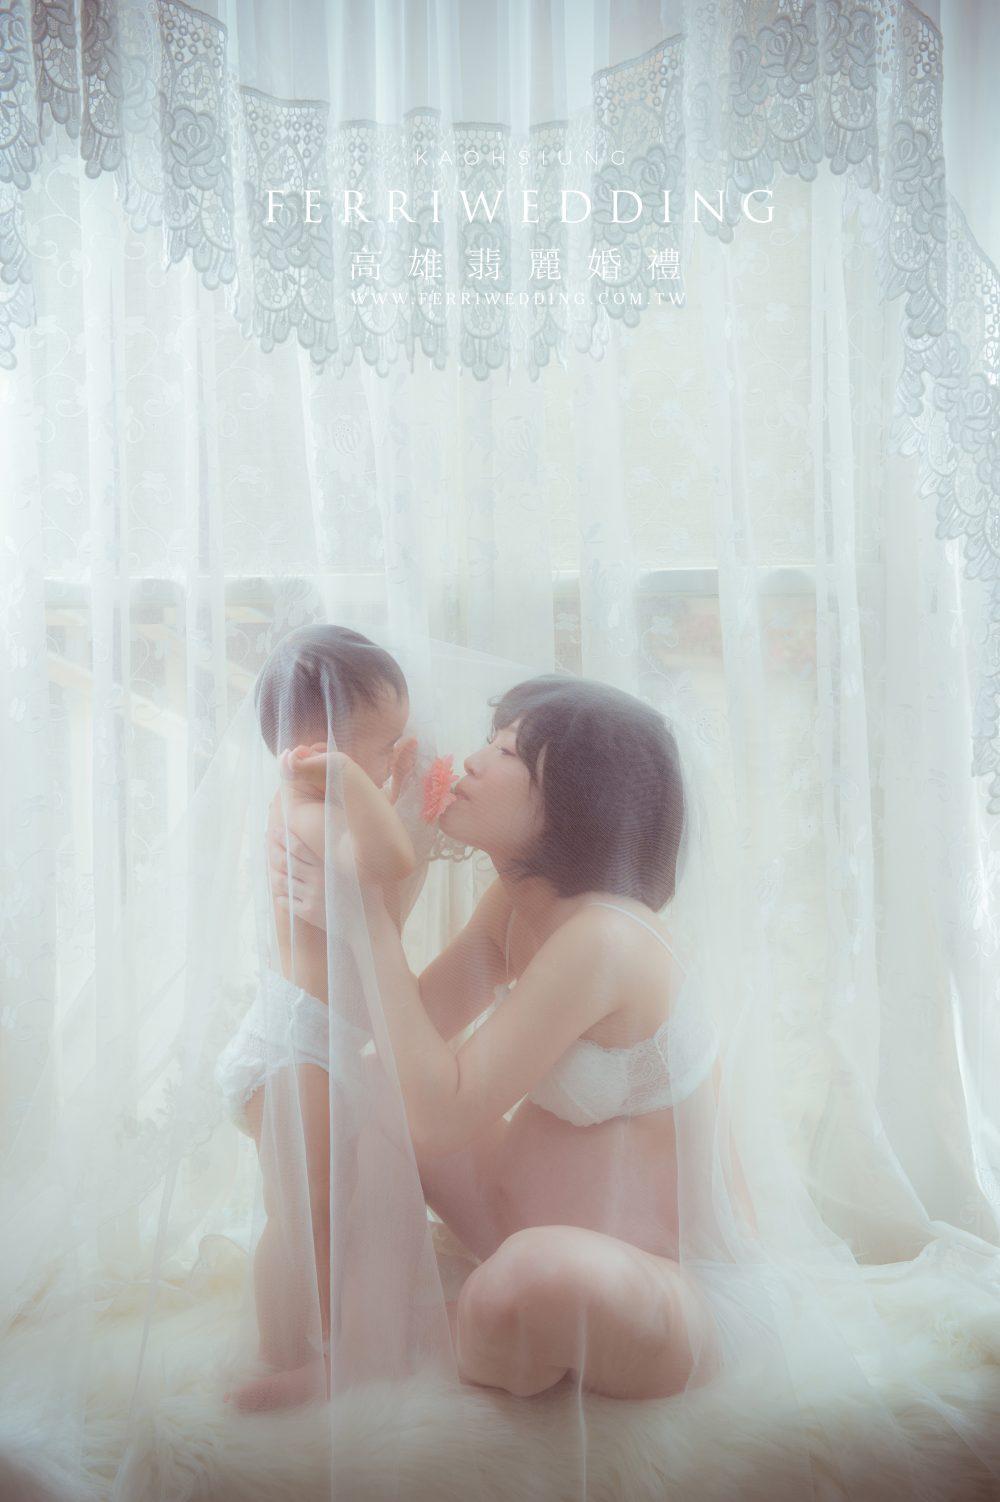 高雄婚紗攝影,婚紗攝影,自助婚紗,攝影棚,高雄婚紗,單租禮服,韓風婚紗,藝術照,寶寶照,全家福,閨蜜照